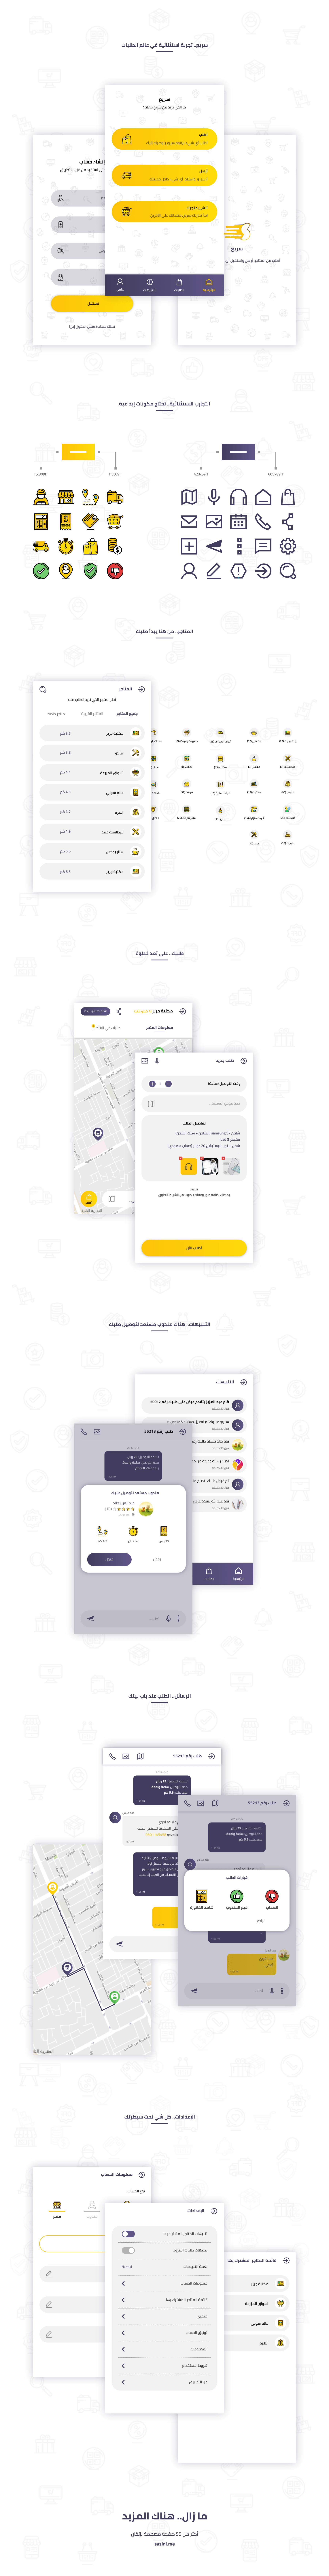 تصميم واجهة تطبيق سريع UI/UX